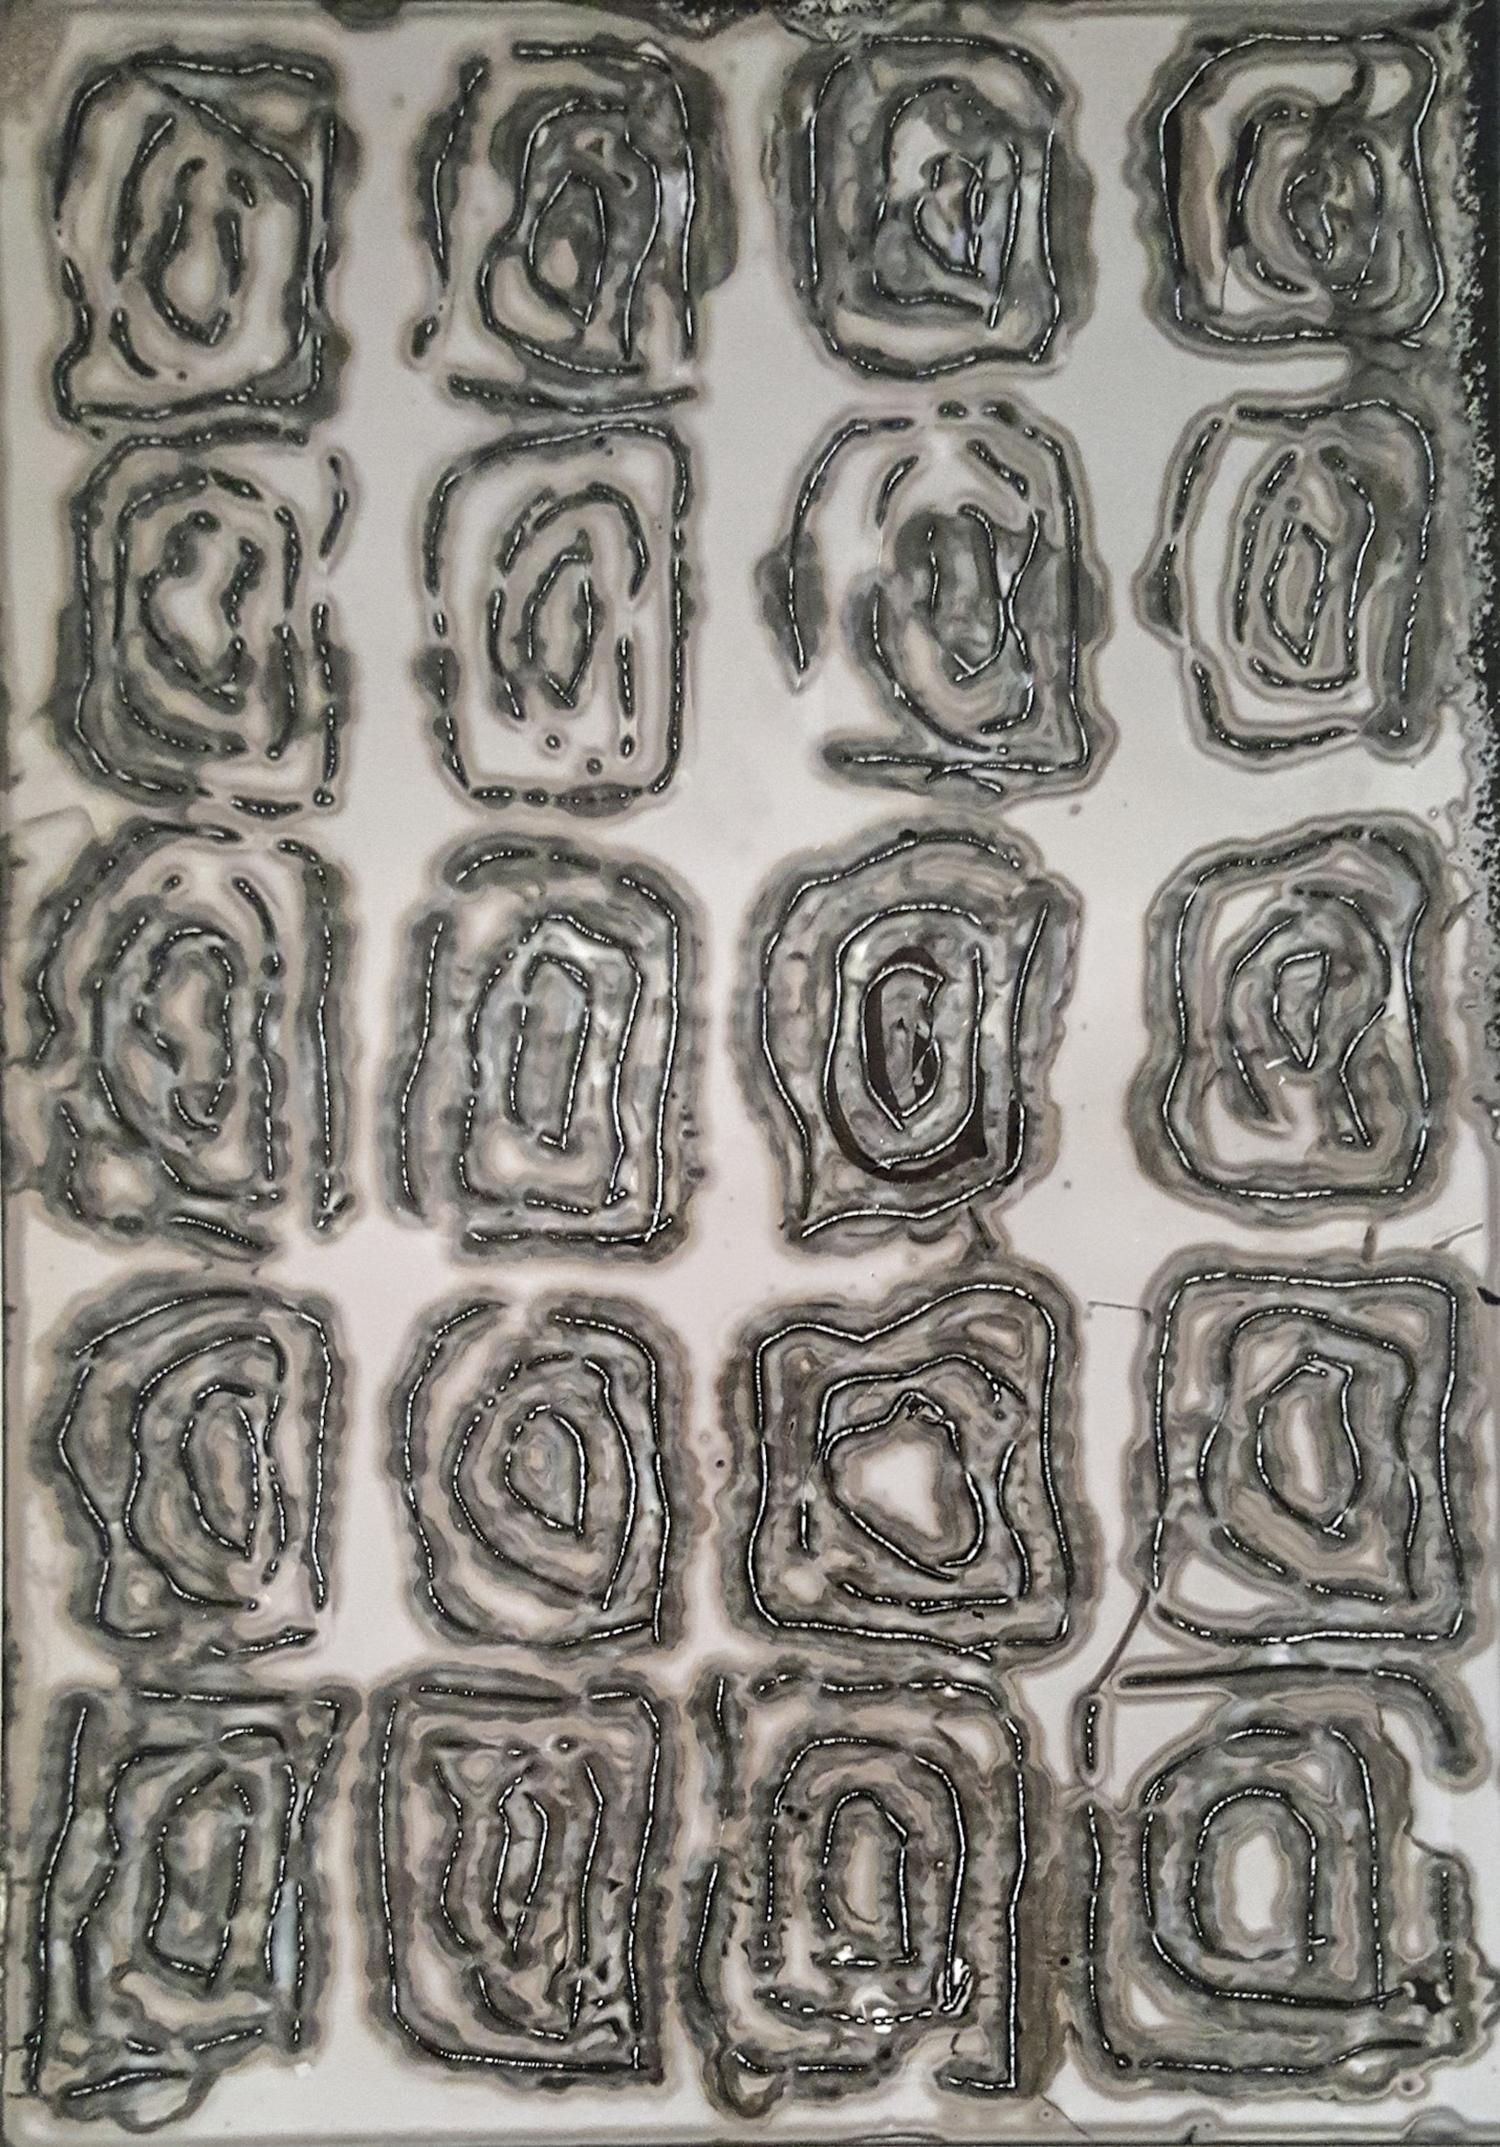 Chemigram 1953 Series 7